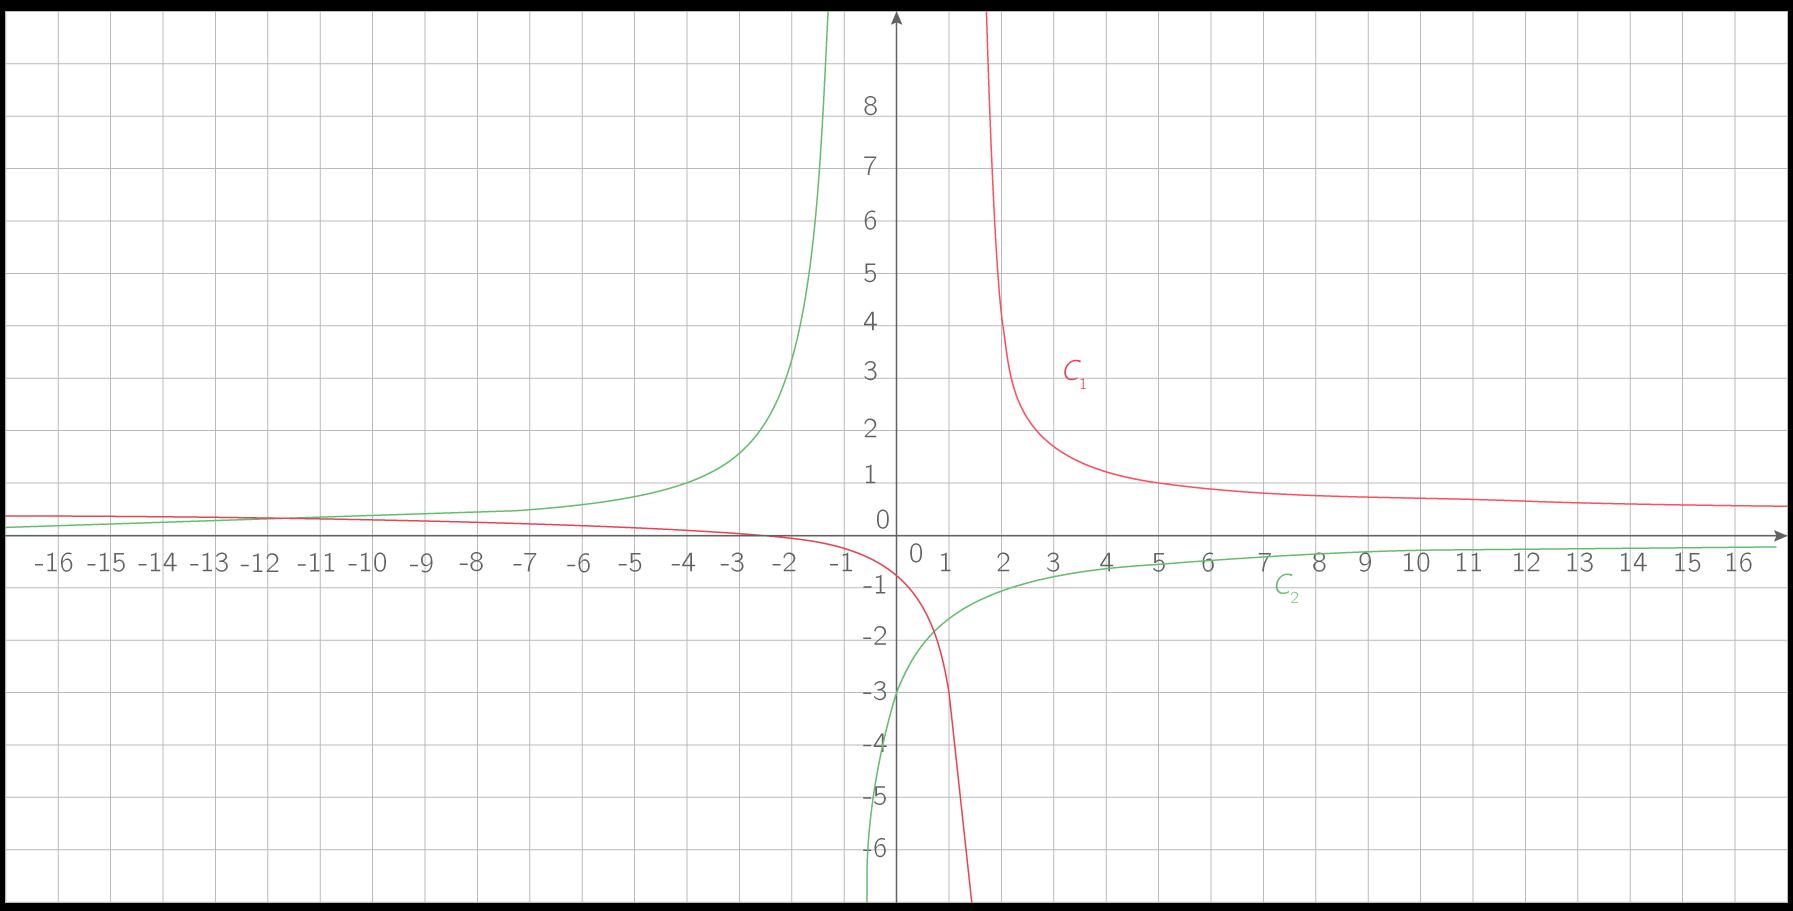 \(\displaystyle{\mathcal{C}_1 : \text{Représentation de }x\mapsto\dfrac{x+2}{2x-3}}\) ; \(\displaystyle{\mathcal{C}_2 : \text{Représentation de }x\mapsto-\dfrac3{x+1}}\).